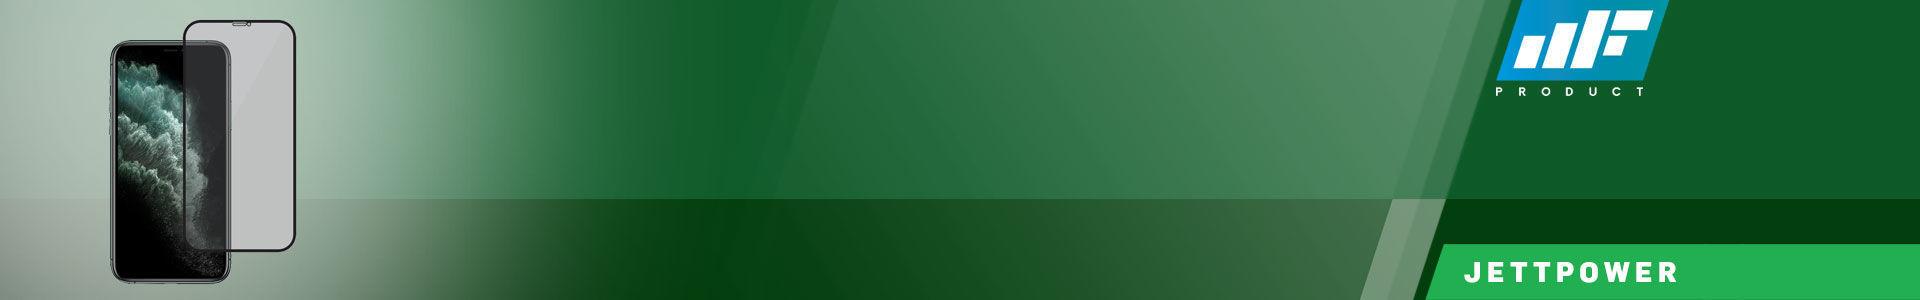 MF Product Jettpower 0382 2.5D Renkli Ekran Koruyucu Cam iPhone Xs Max / 11 Pro Max için en doğru adrestesin!